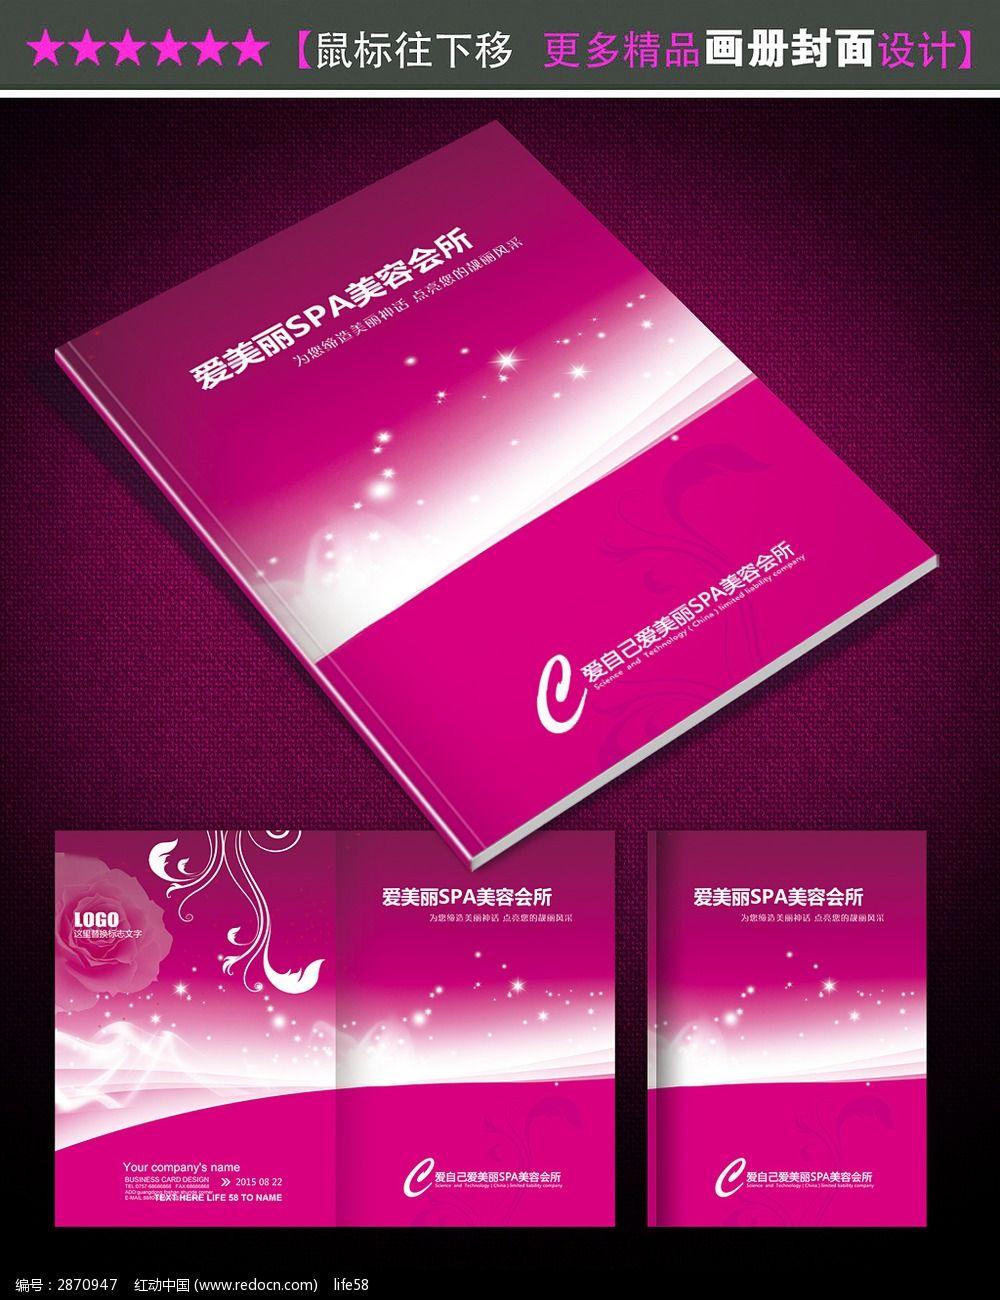 美容美发化妆品画册封面设计图片